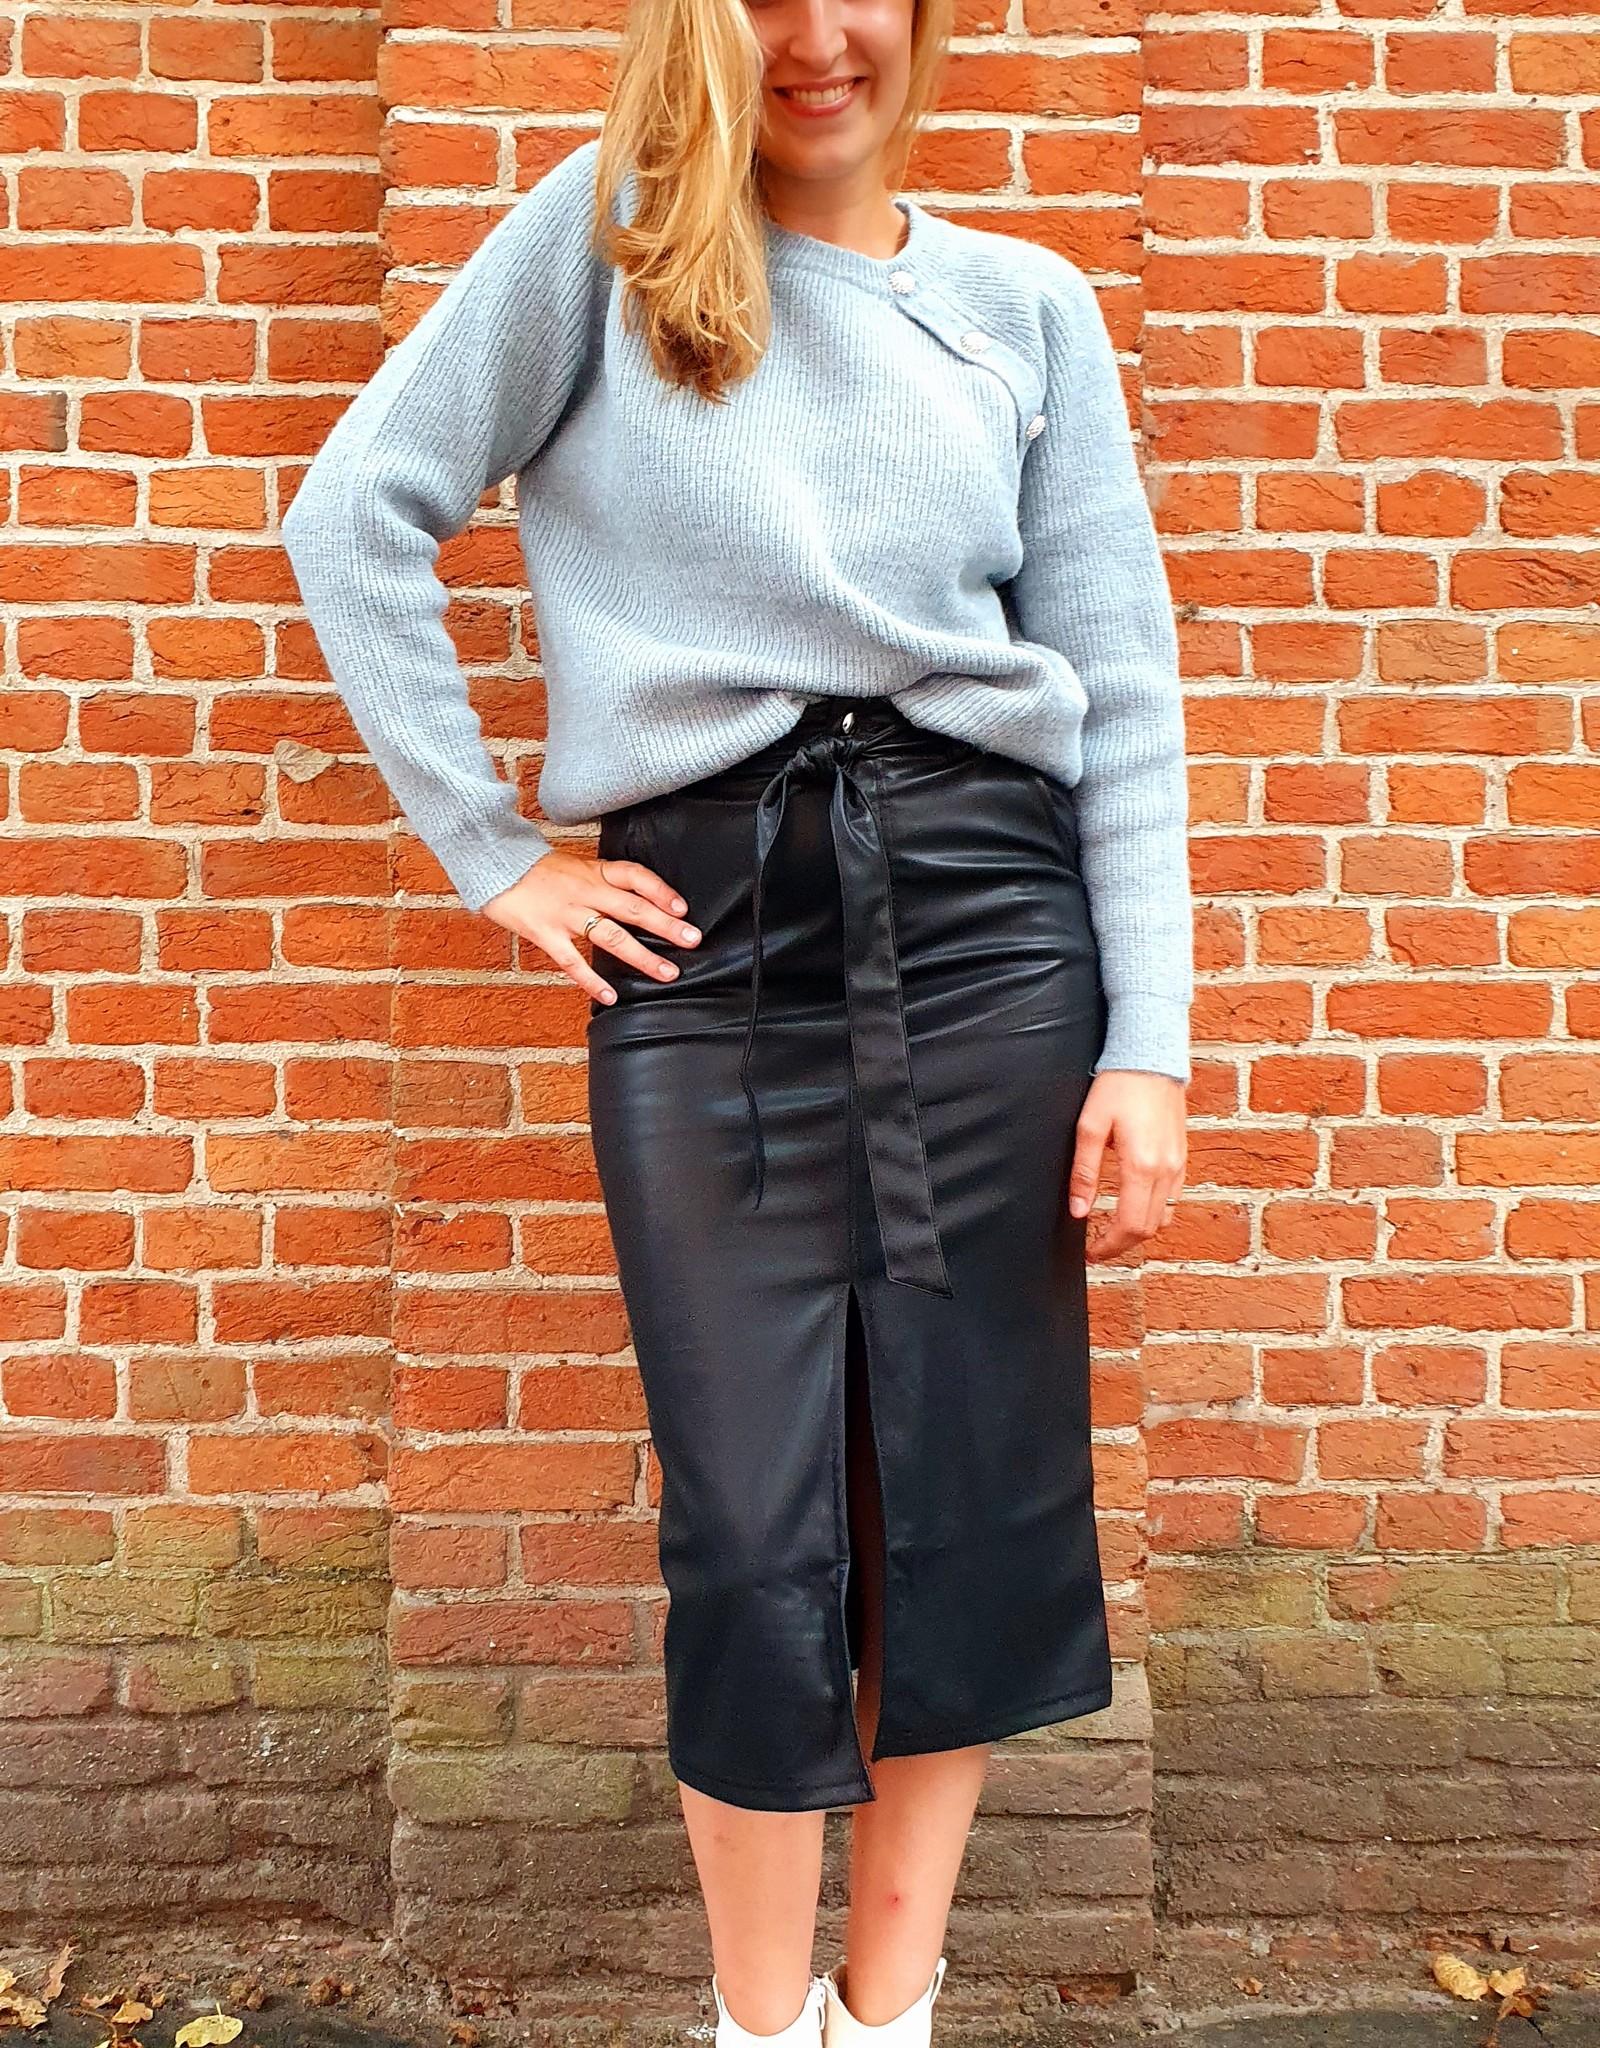 Cherry Paris Officiel Cherry black skirt